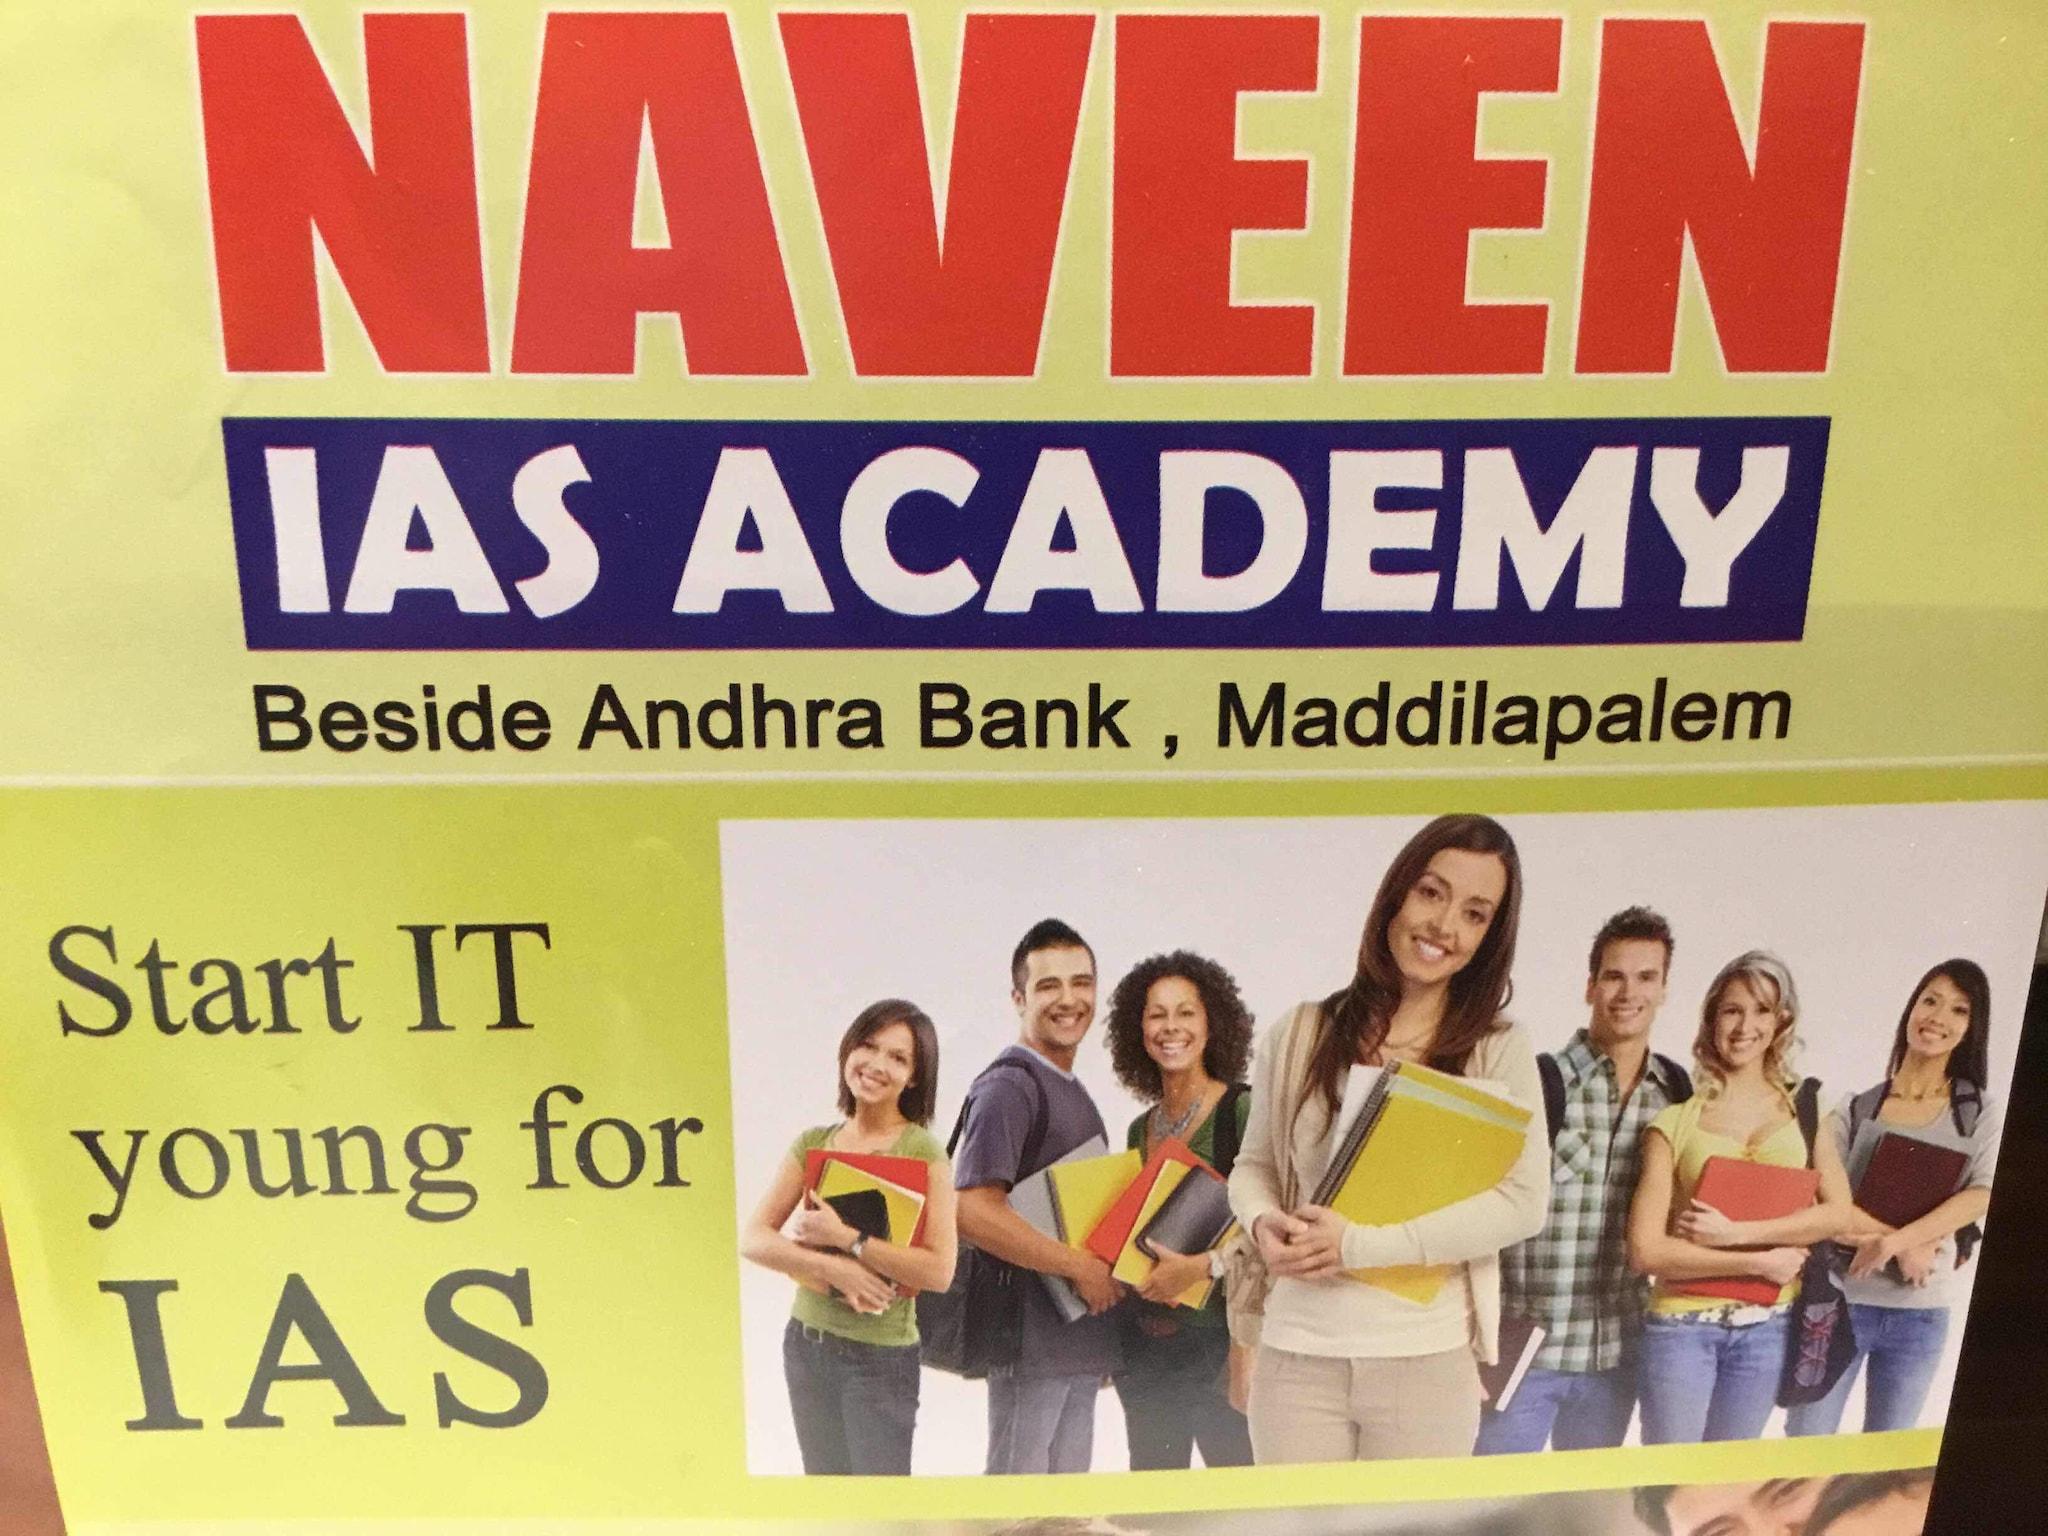 Top 9 online tutorials for ias in bhubaneshwar best online.